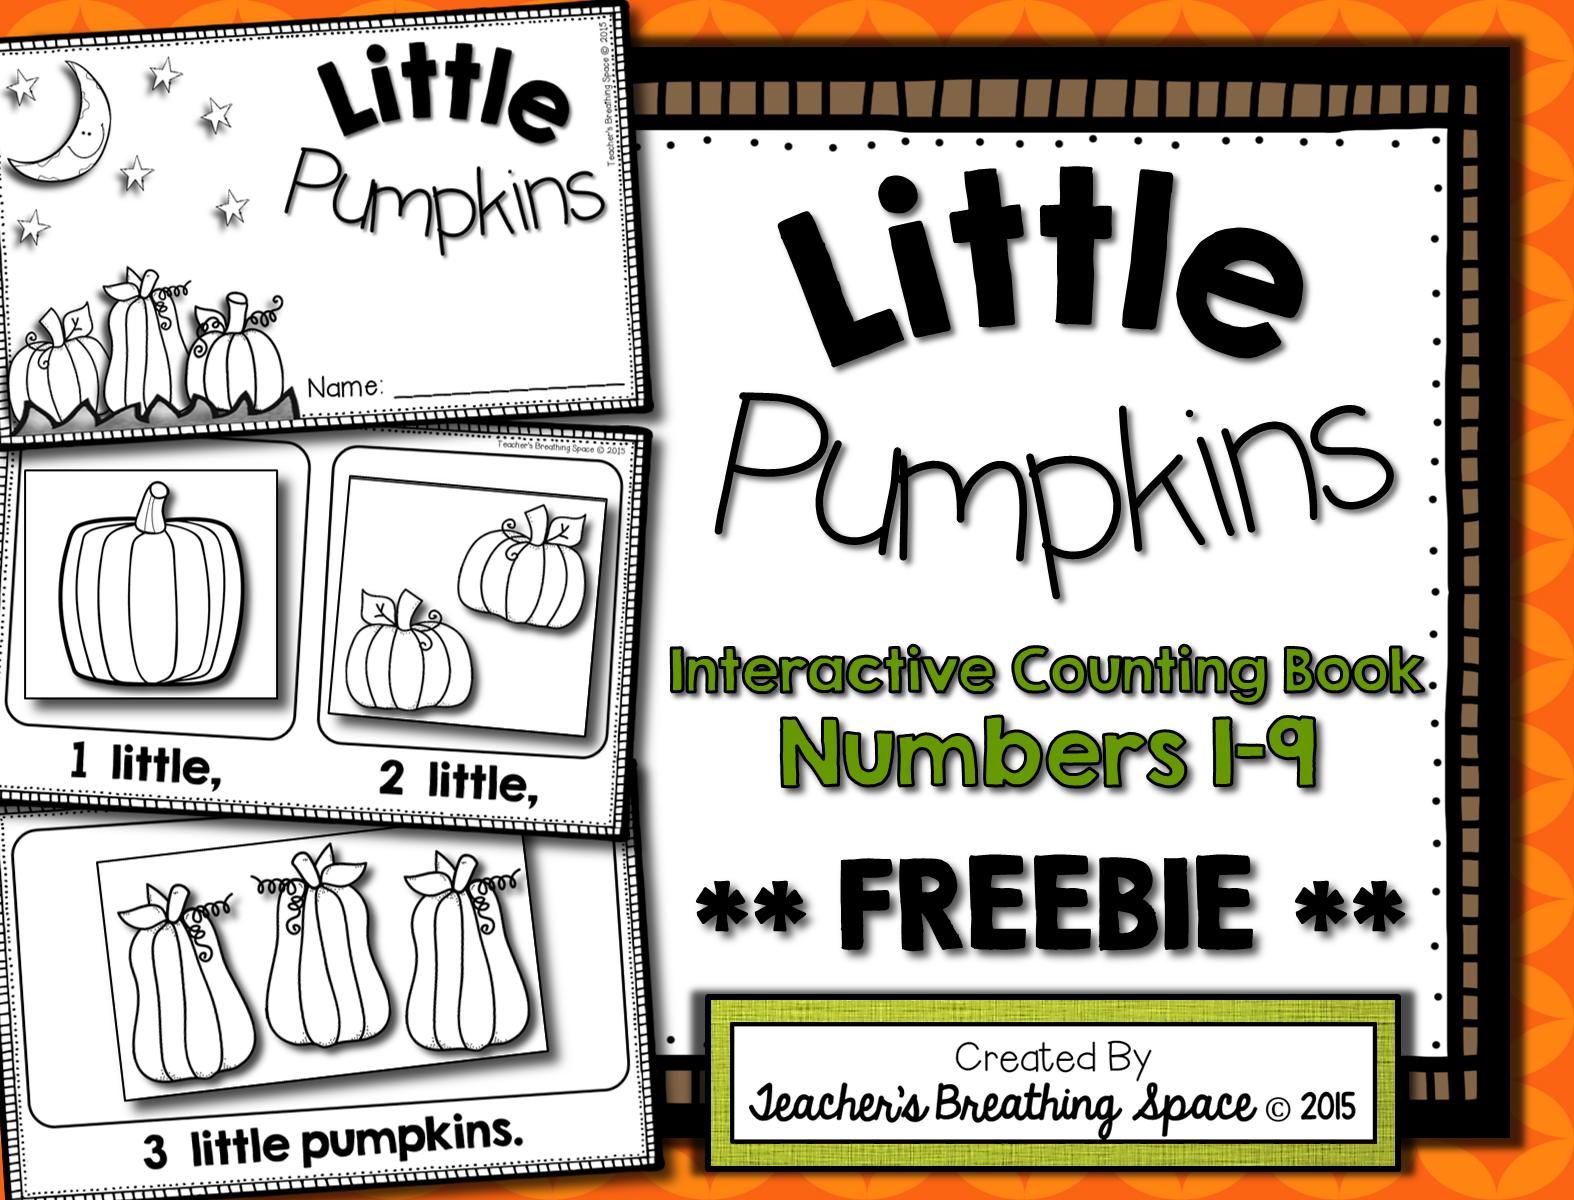 Little Pumpkins Halloween Pumpkin Counting Book